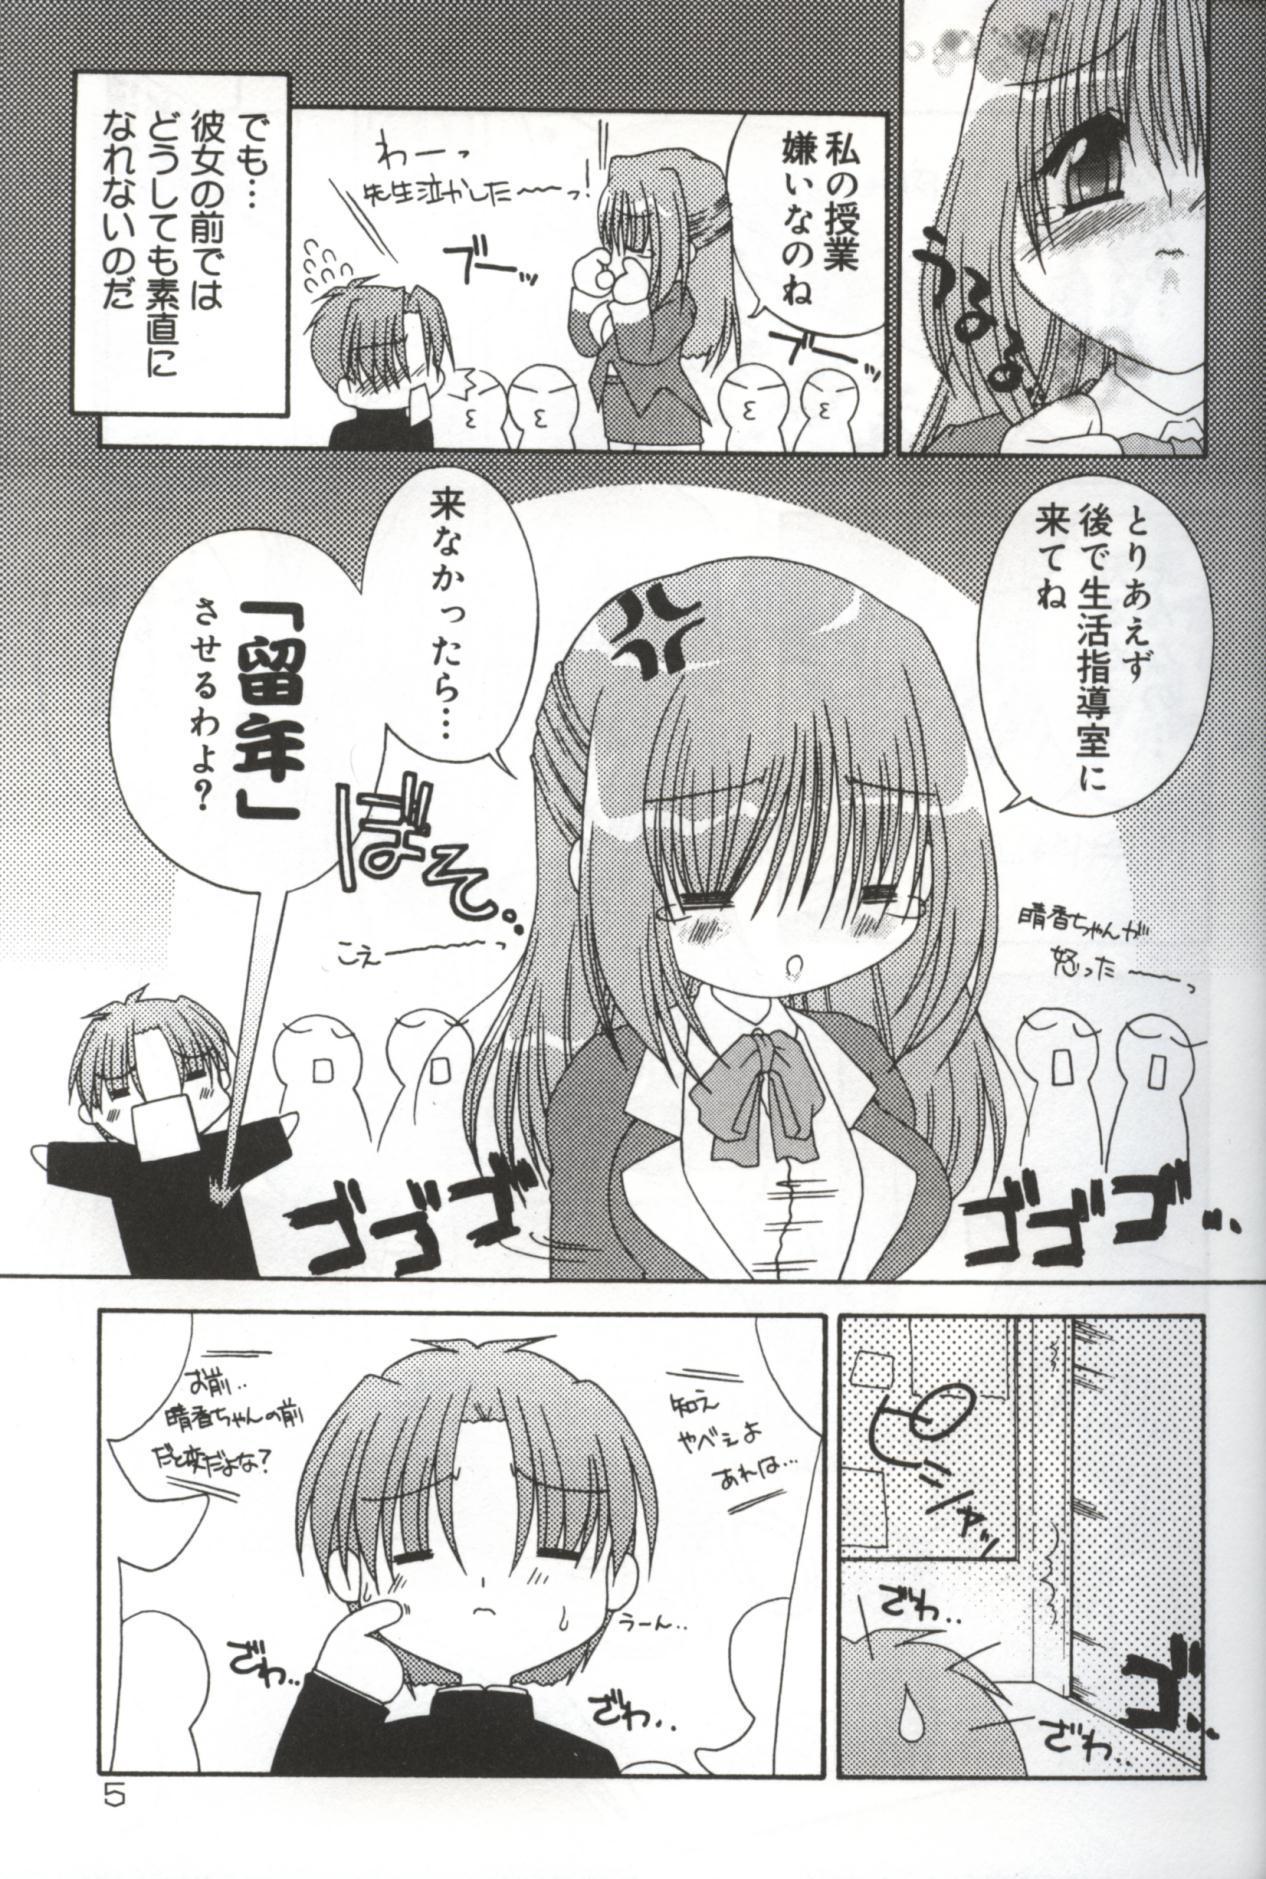 Hatsujou ♡ Oneesama 6